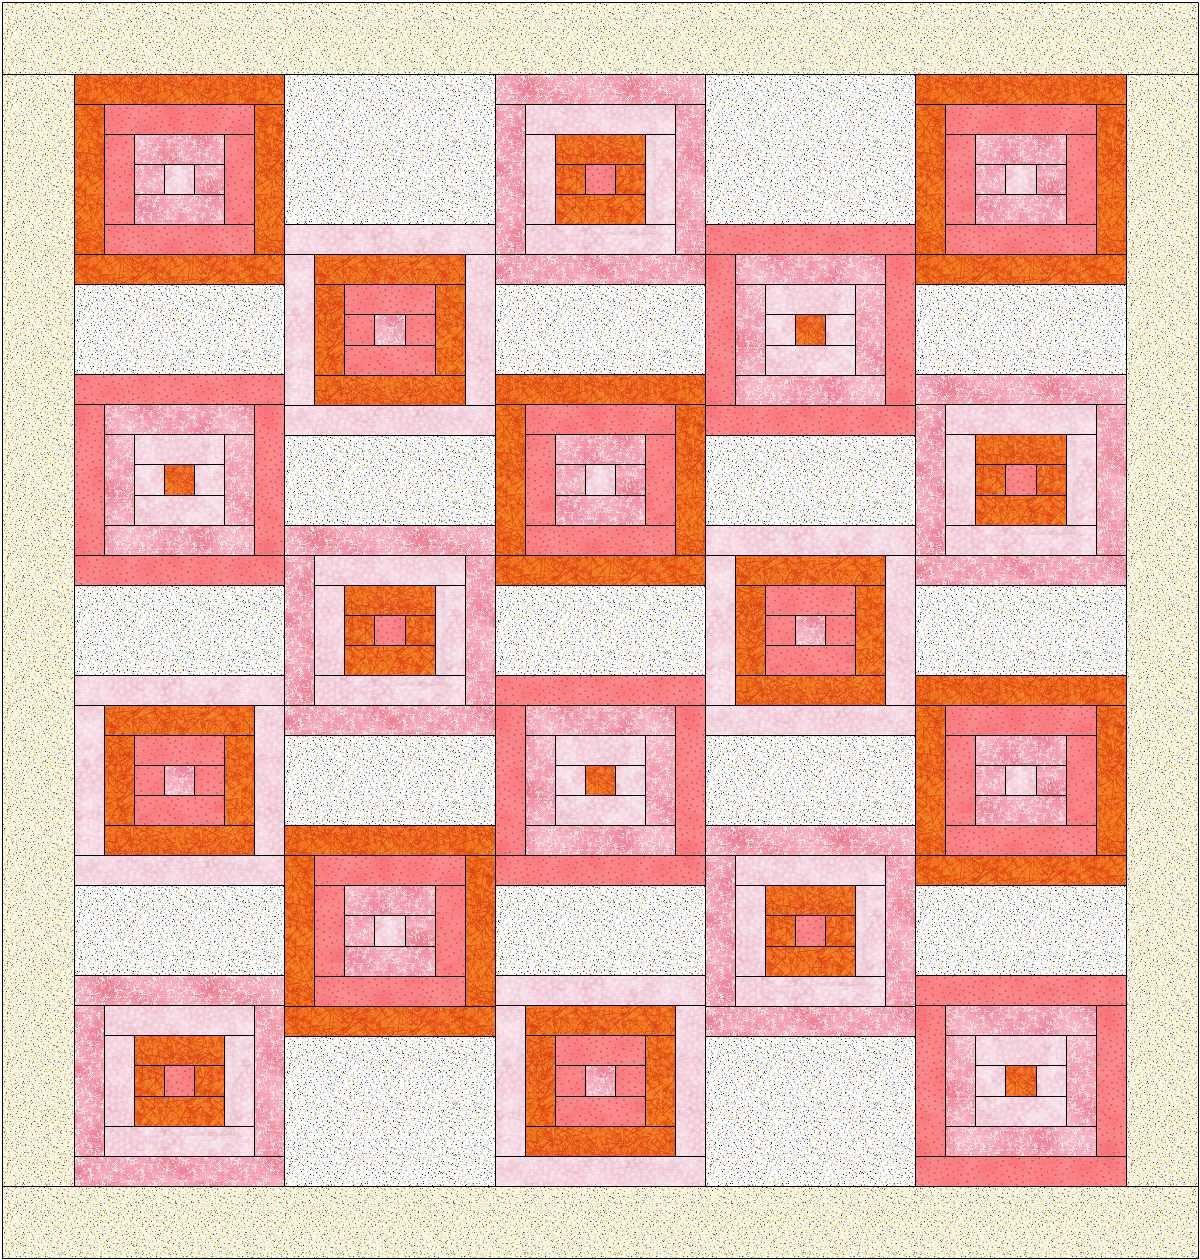 Gumdrops Hard Copy Pattern